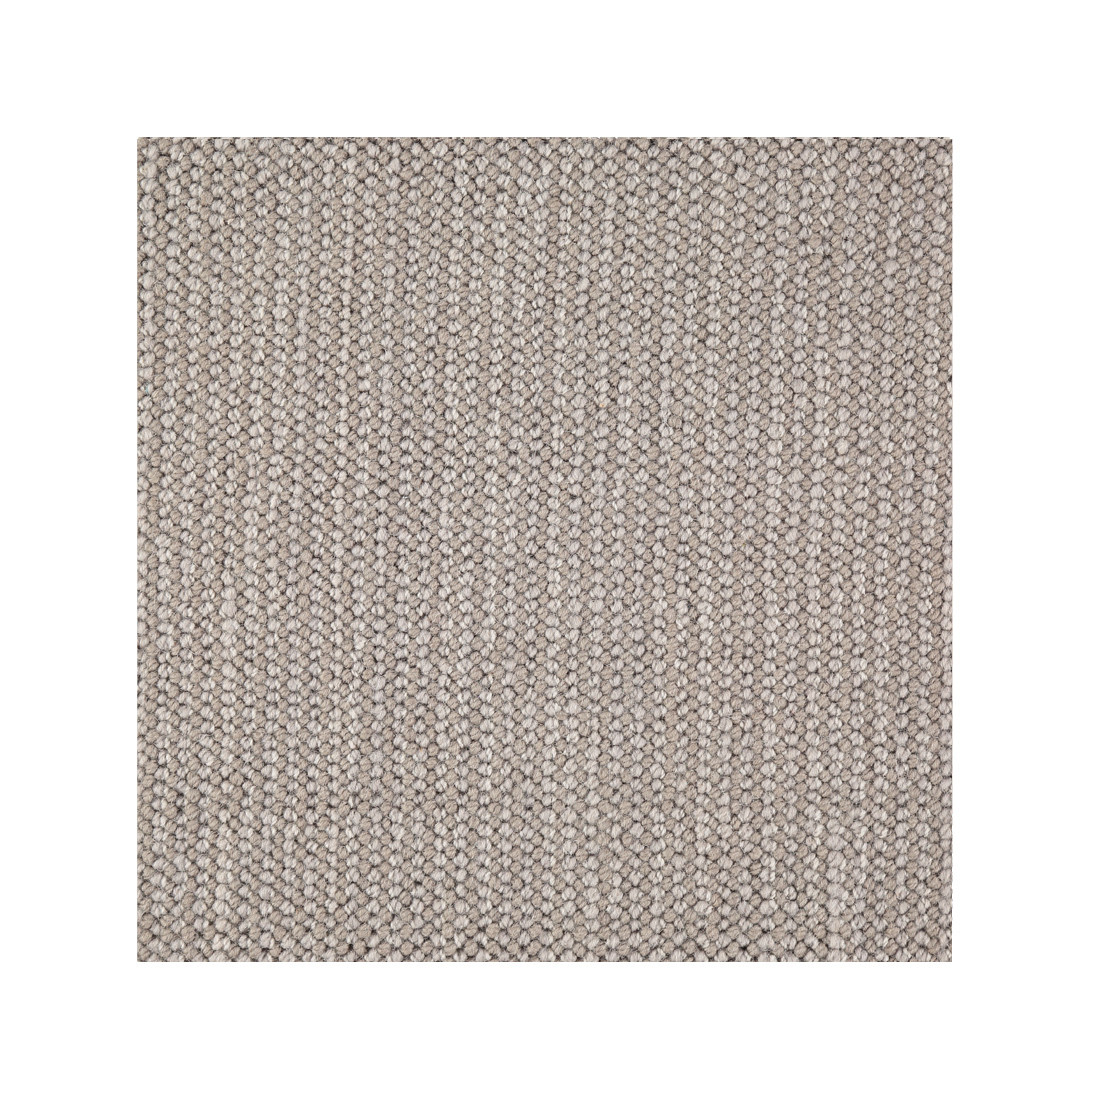 Manhattan - 100% Wool Loop Pile Handmade - Moss